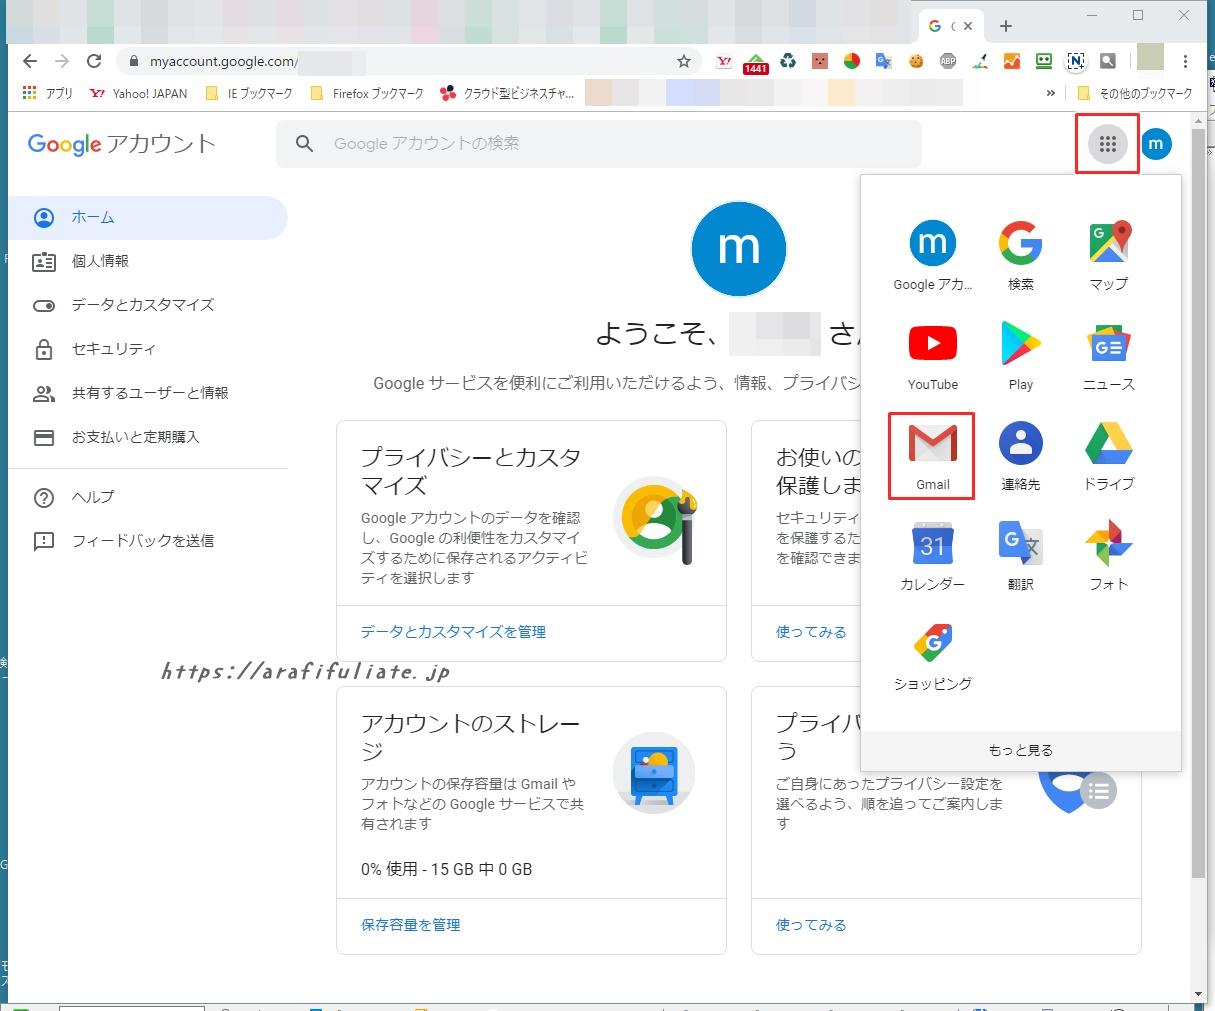 gメールの作り方